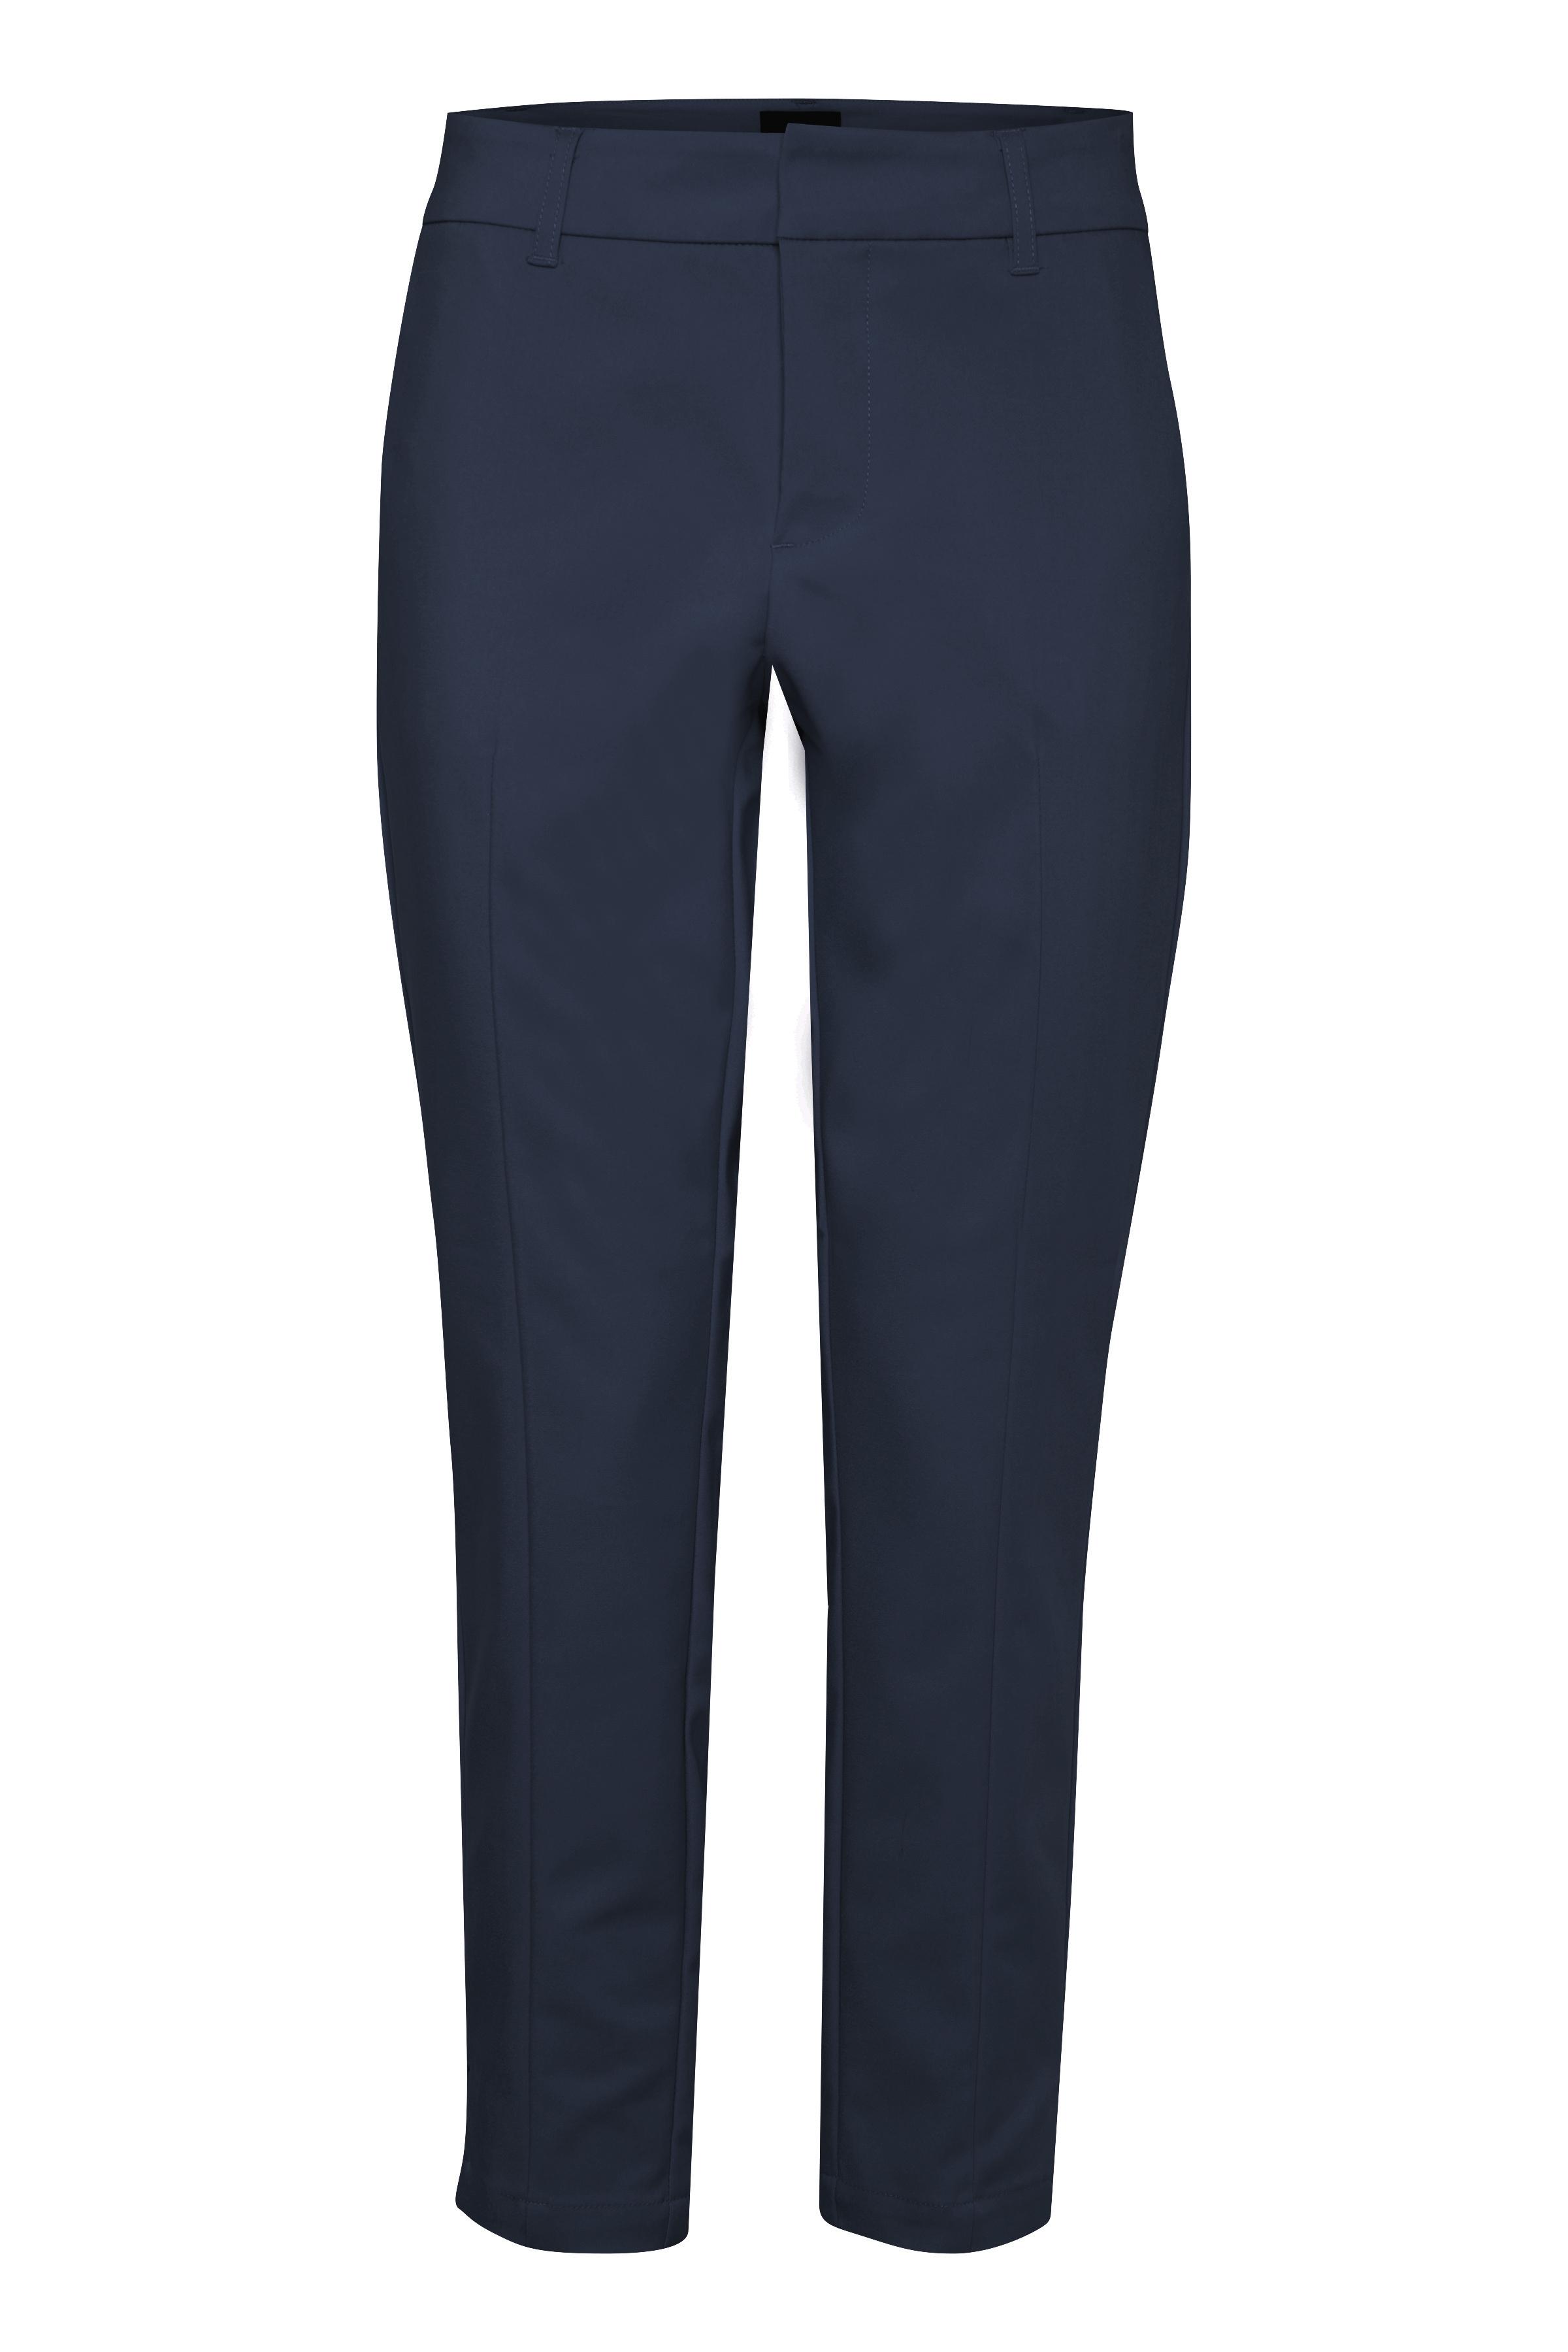 Image of Pulz Jeans Dame Bukser - Blue Marine